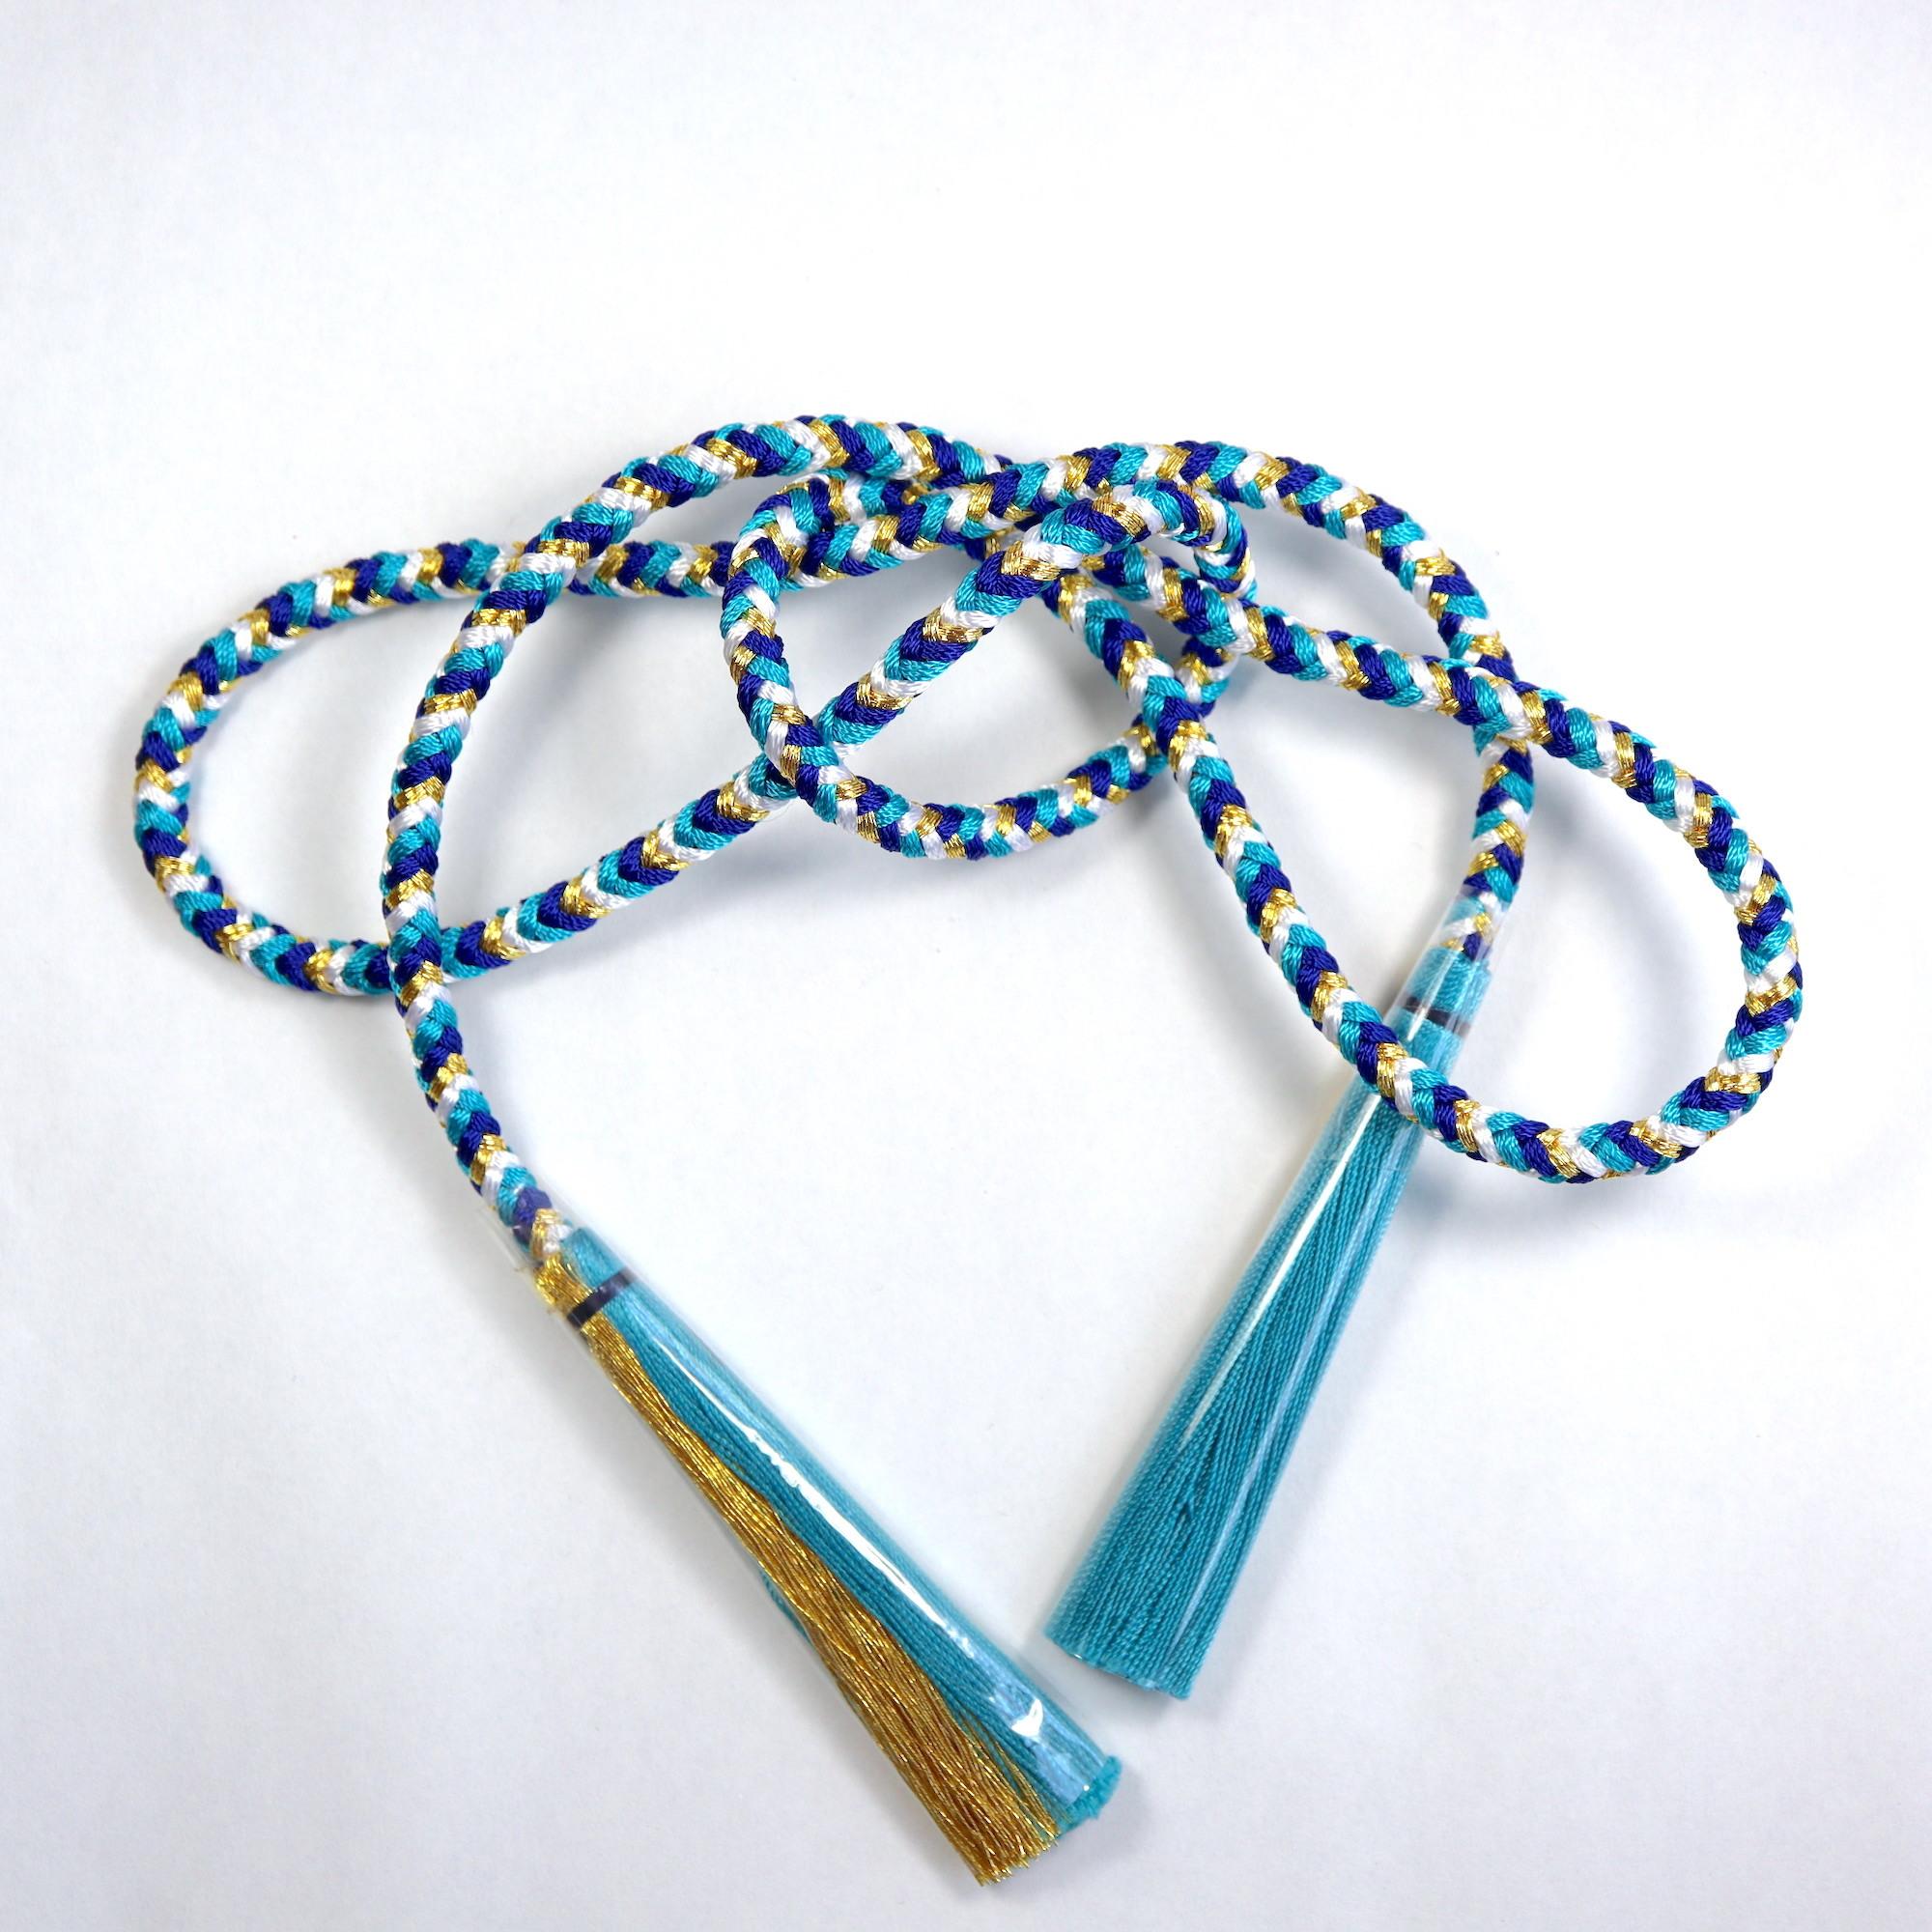 【組紐】ブルー 房付き飾り紐